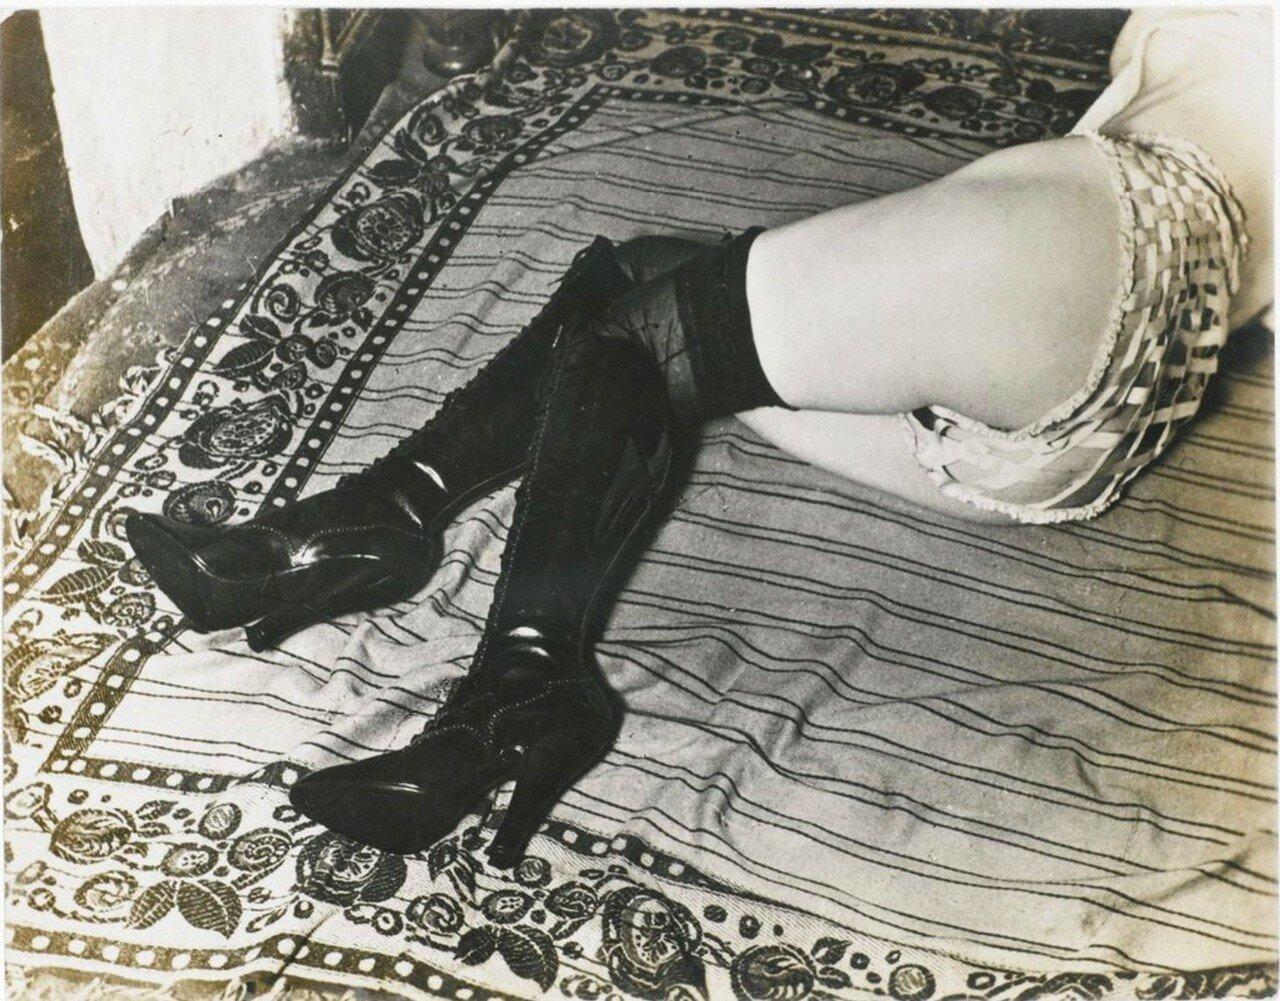 1932. ������� ������� ����� ����������� ����� �Diana Slip�